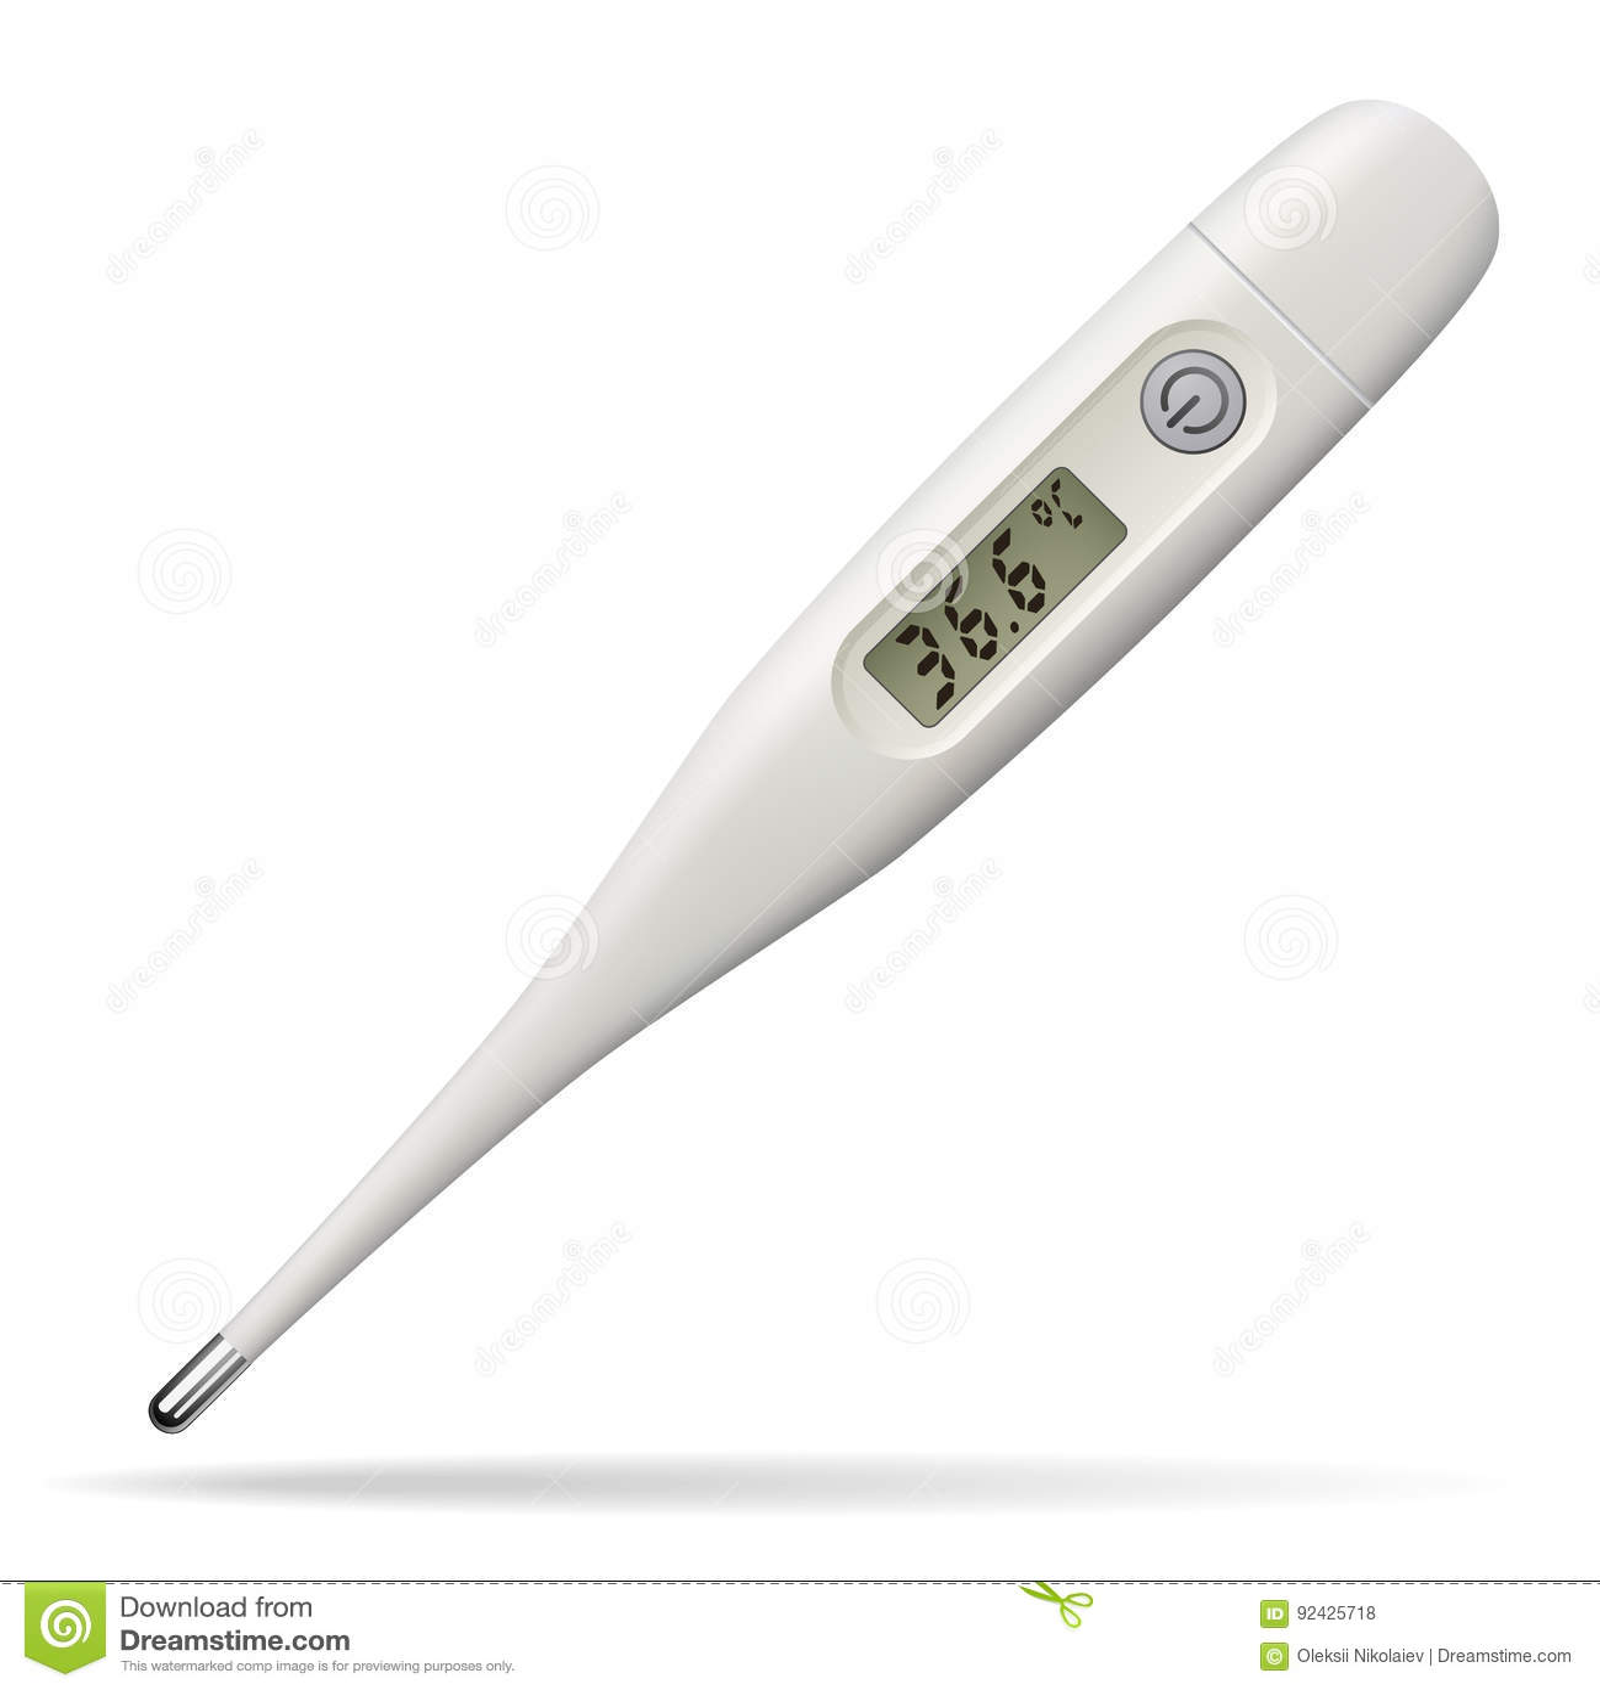 Elektronisk medicinsk termometer Digital apparat för att mäta temperaturen av människokroppen Isolerat anmärka vitt